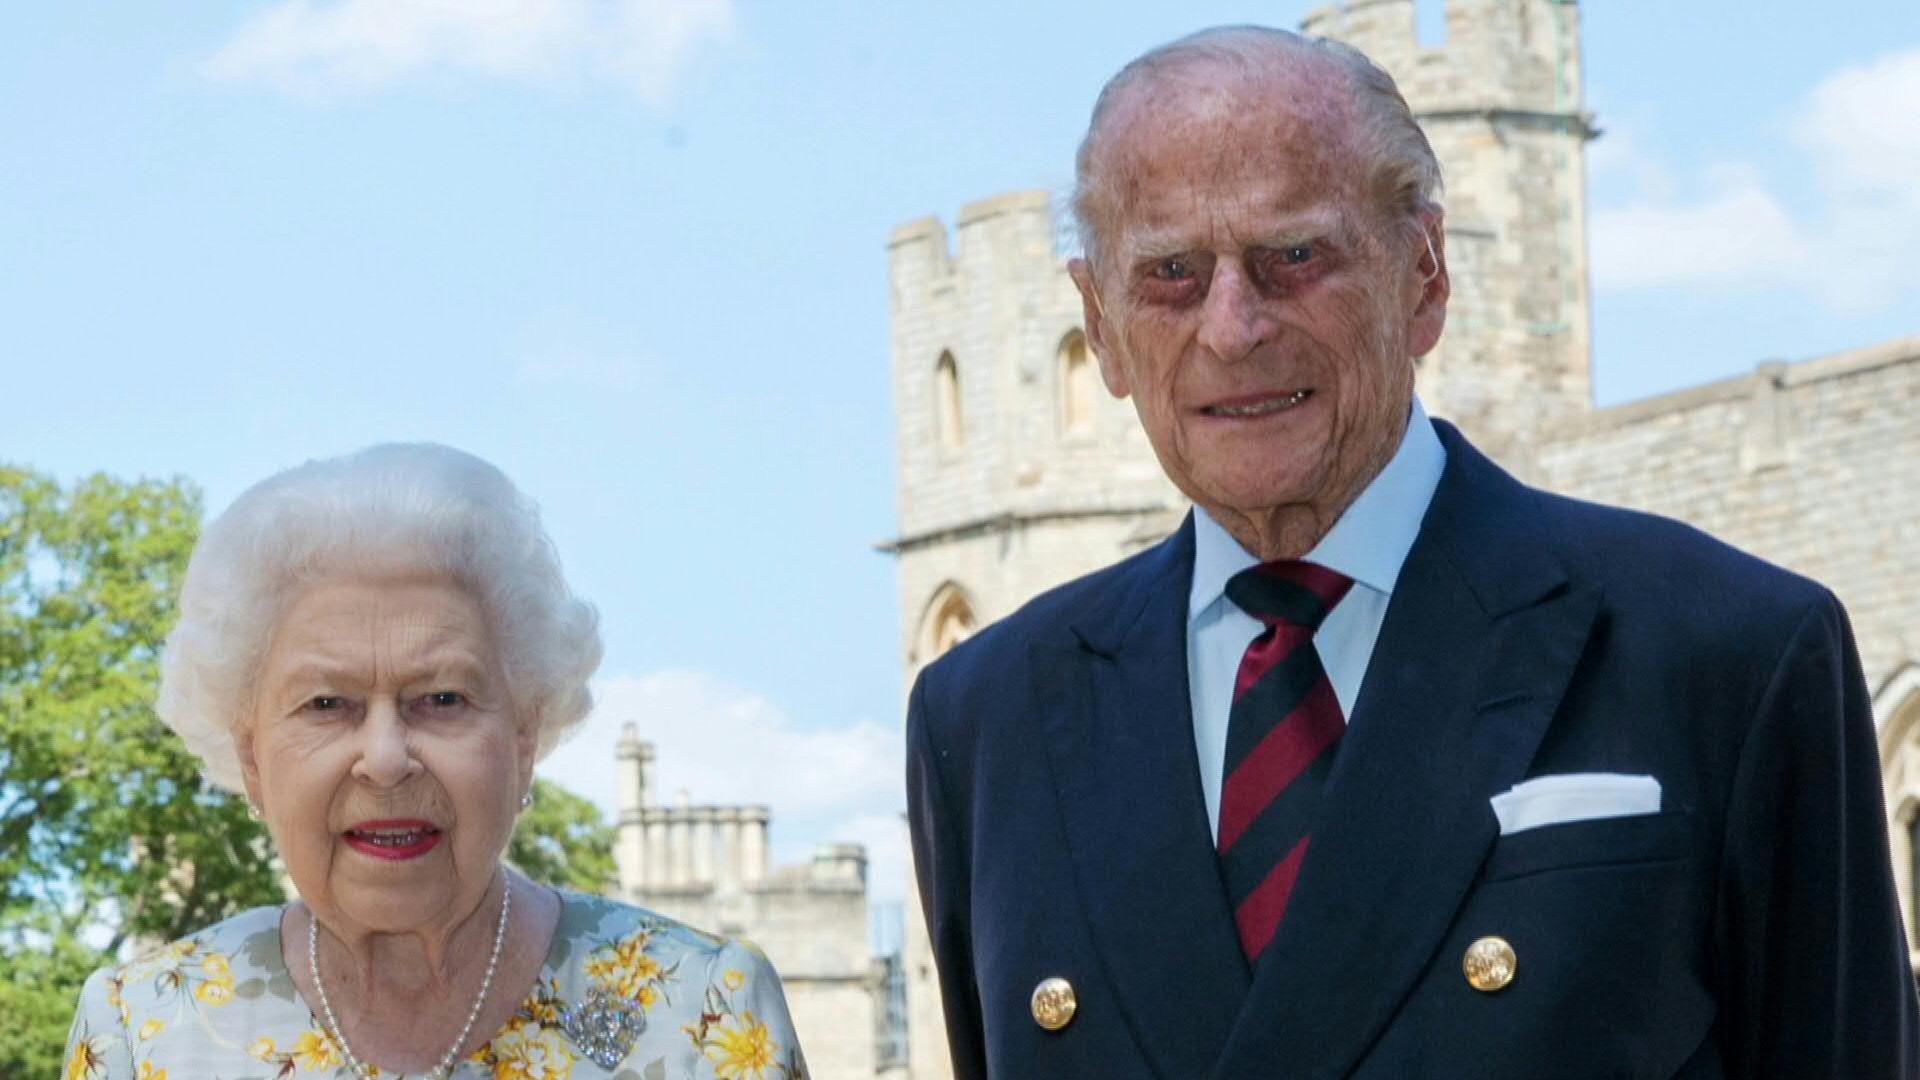 Cumple 99 años el esposo de la reina Elizabeth II